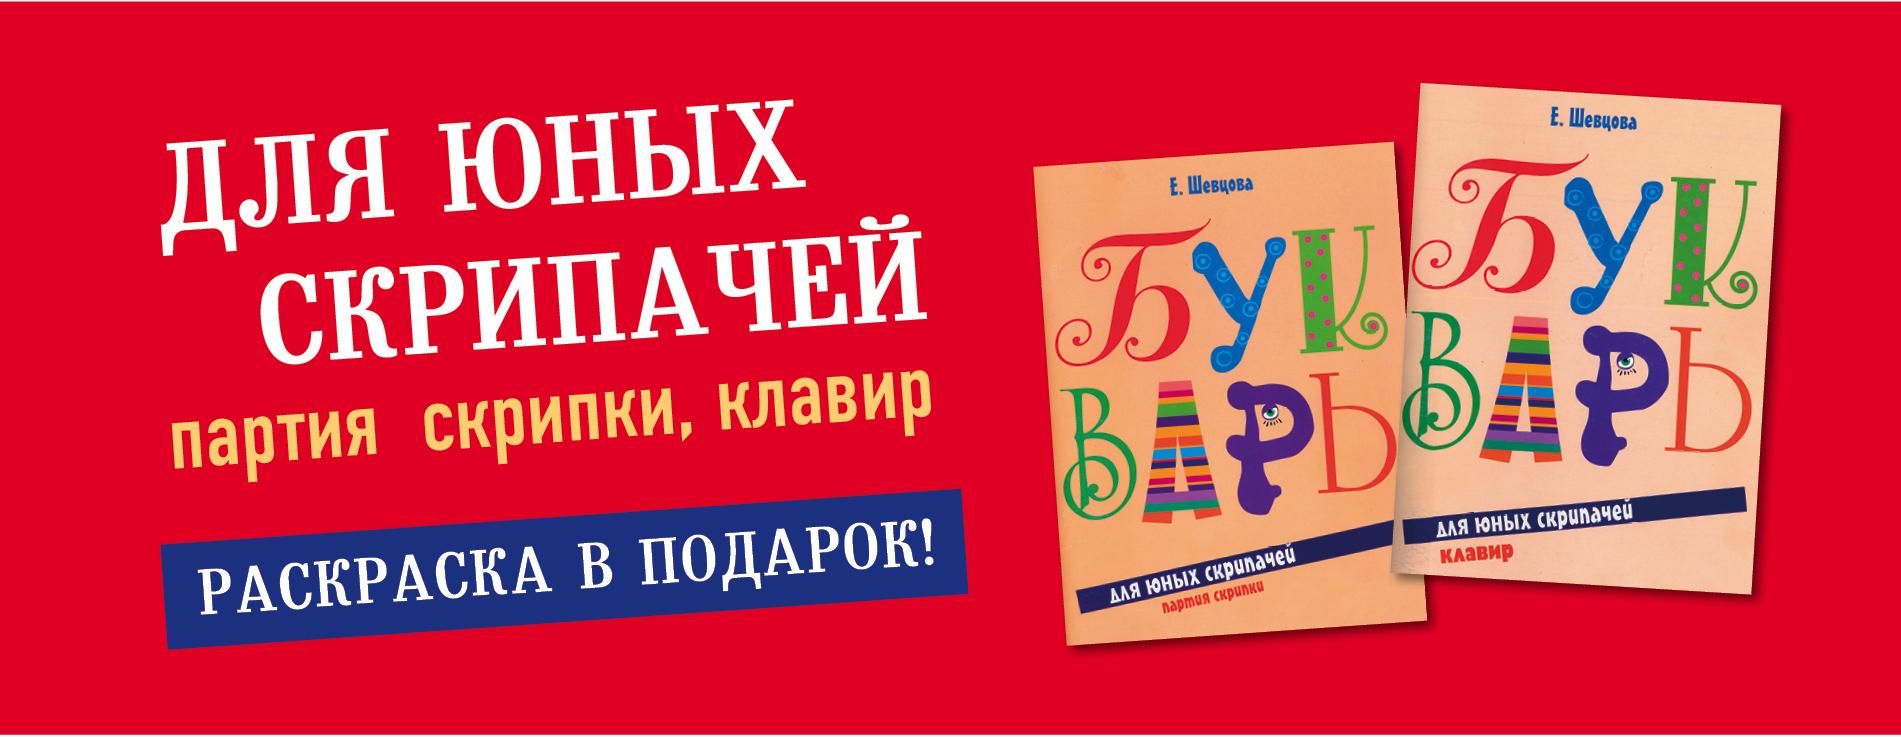 Шевцова Е.К. Букварь для юных скрипачей. Комплект вайц к мир юных